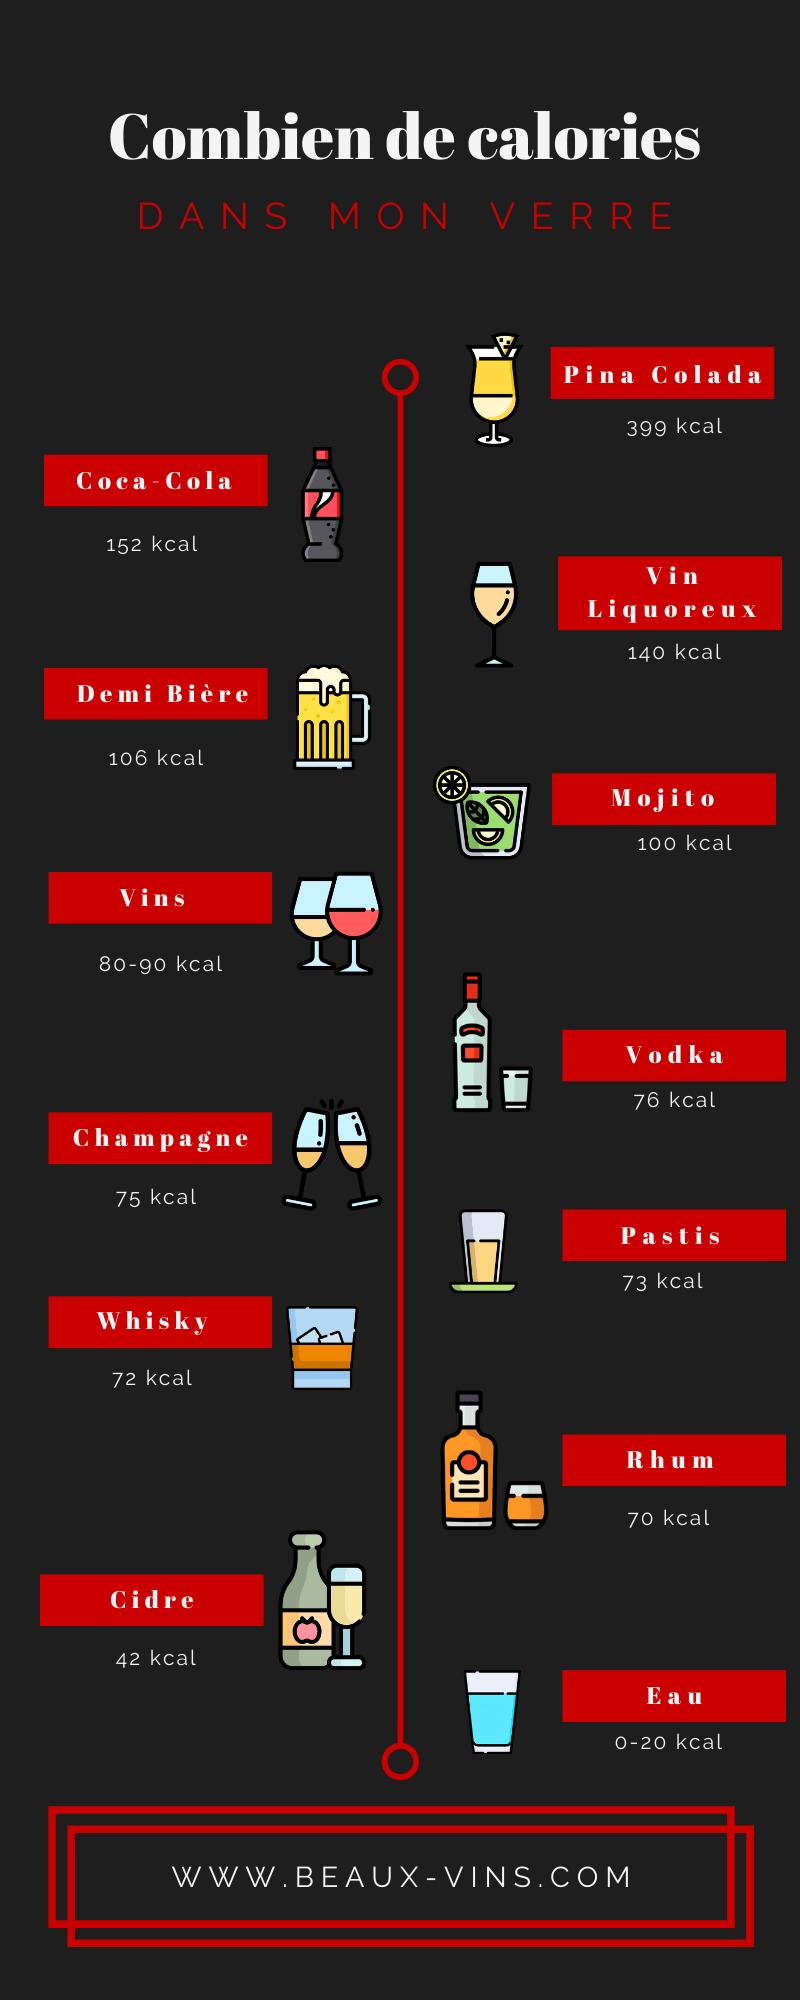 Beaux-Vins Combien calories verre alcool vin